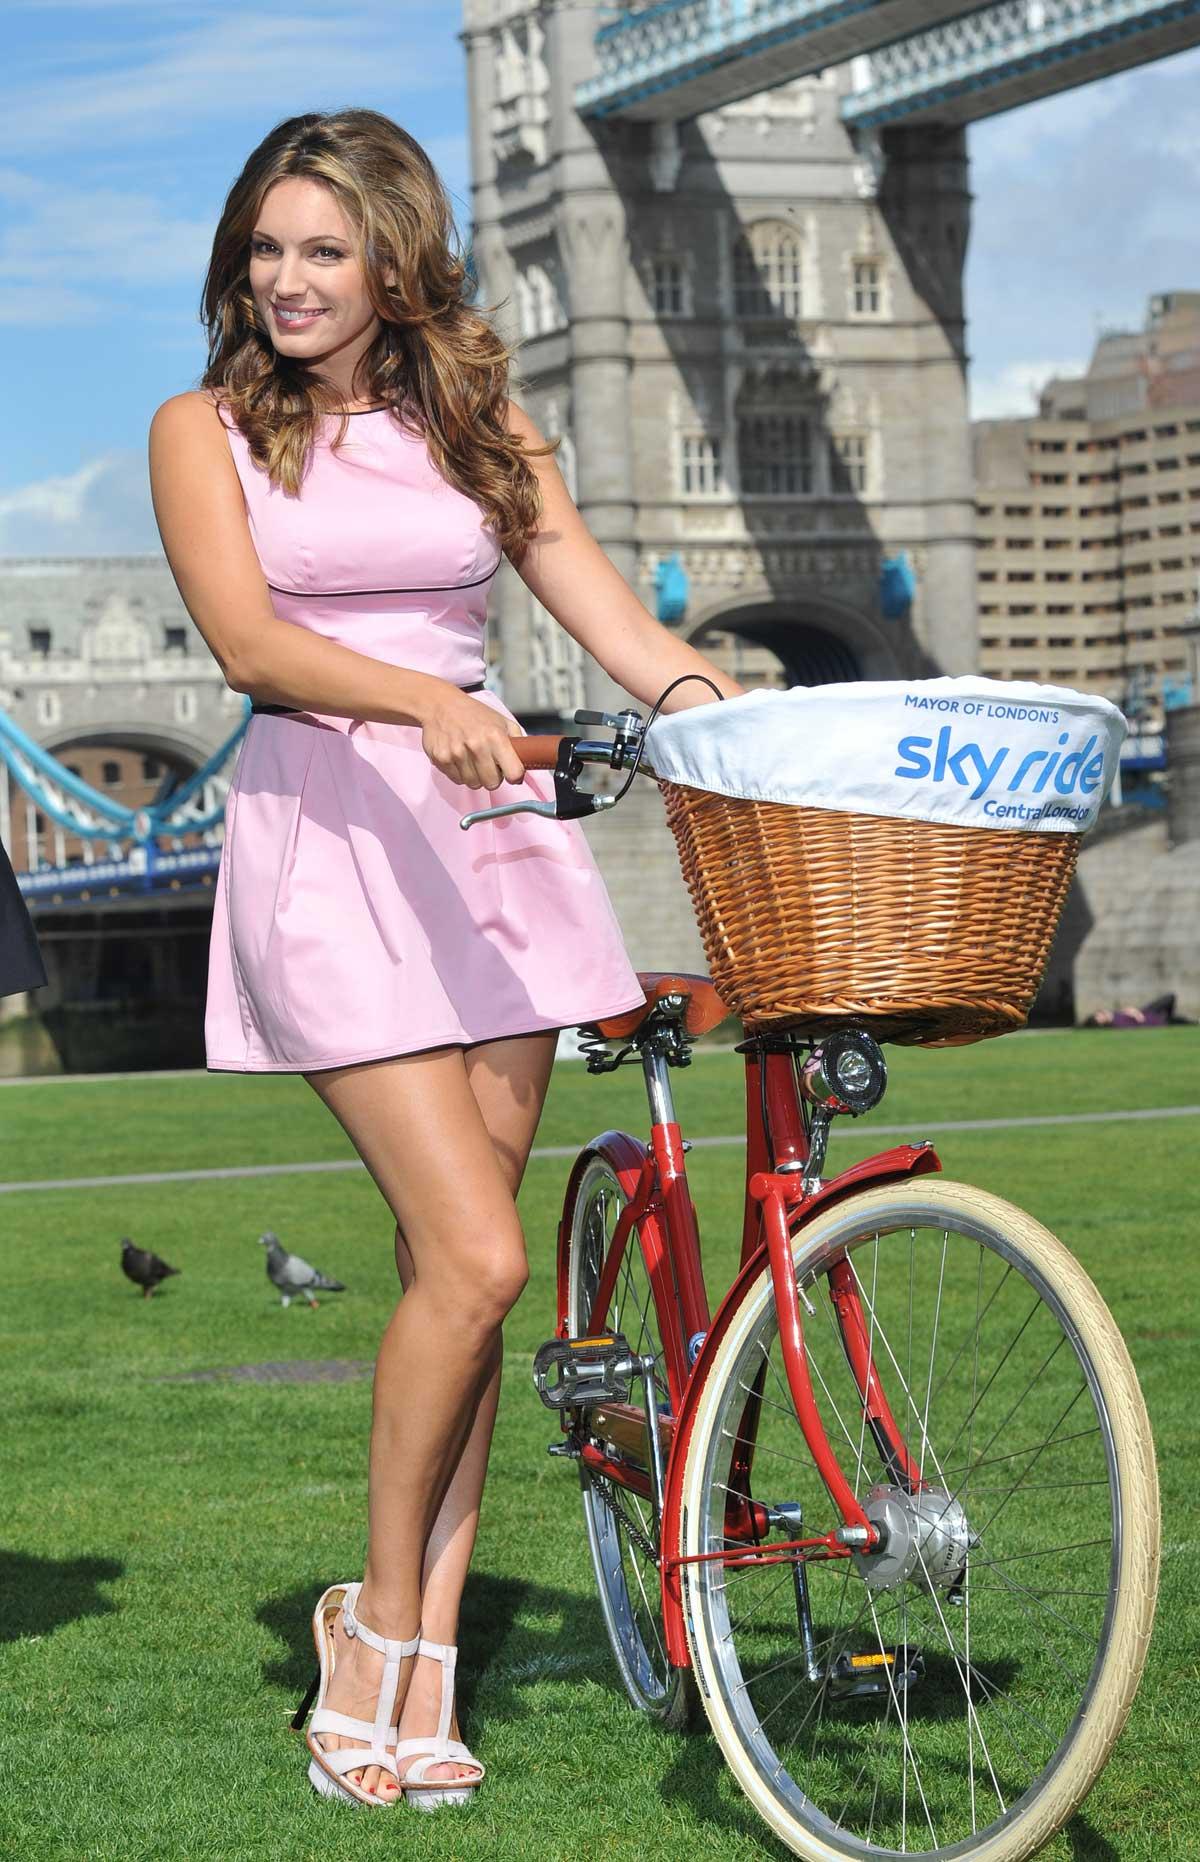 Sara Jean Underwood Bike Best bicycle | only in high heels